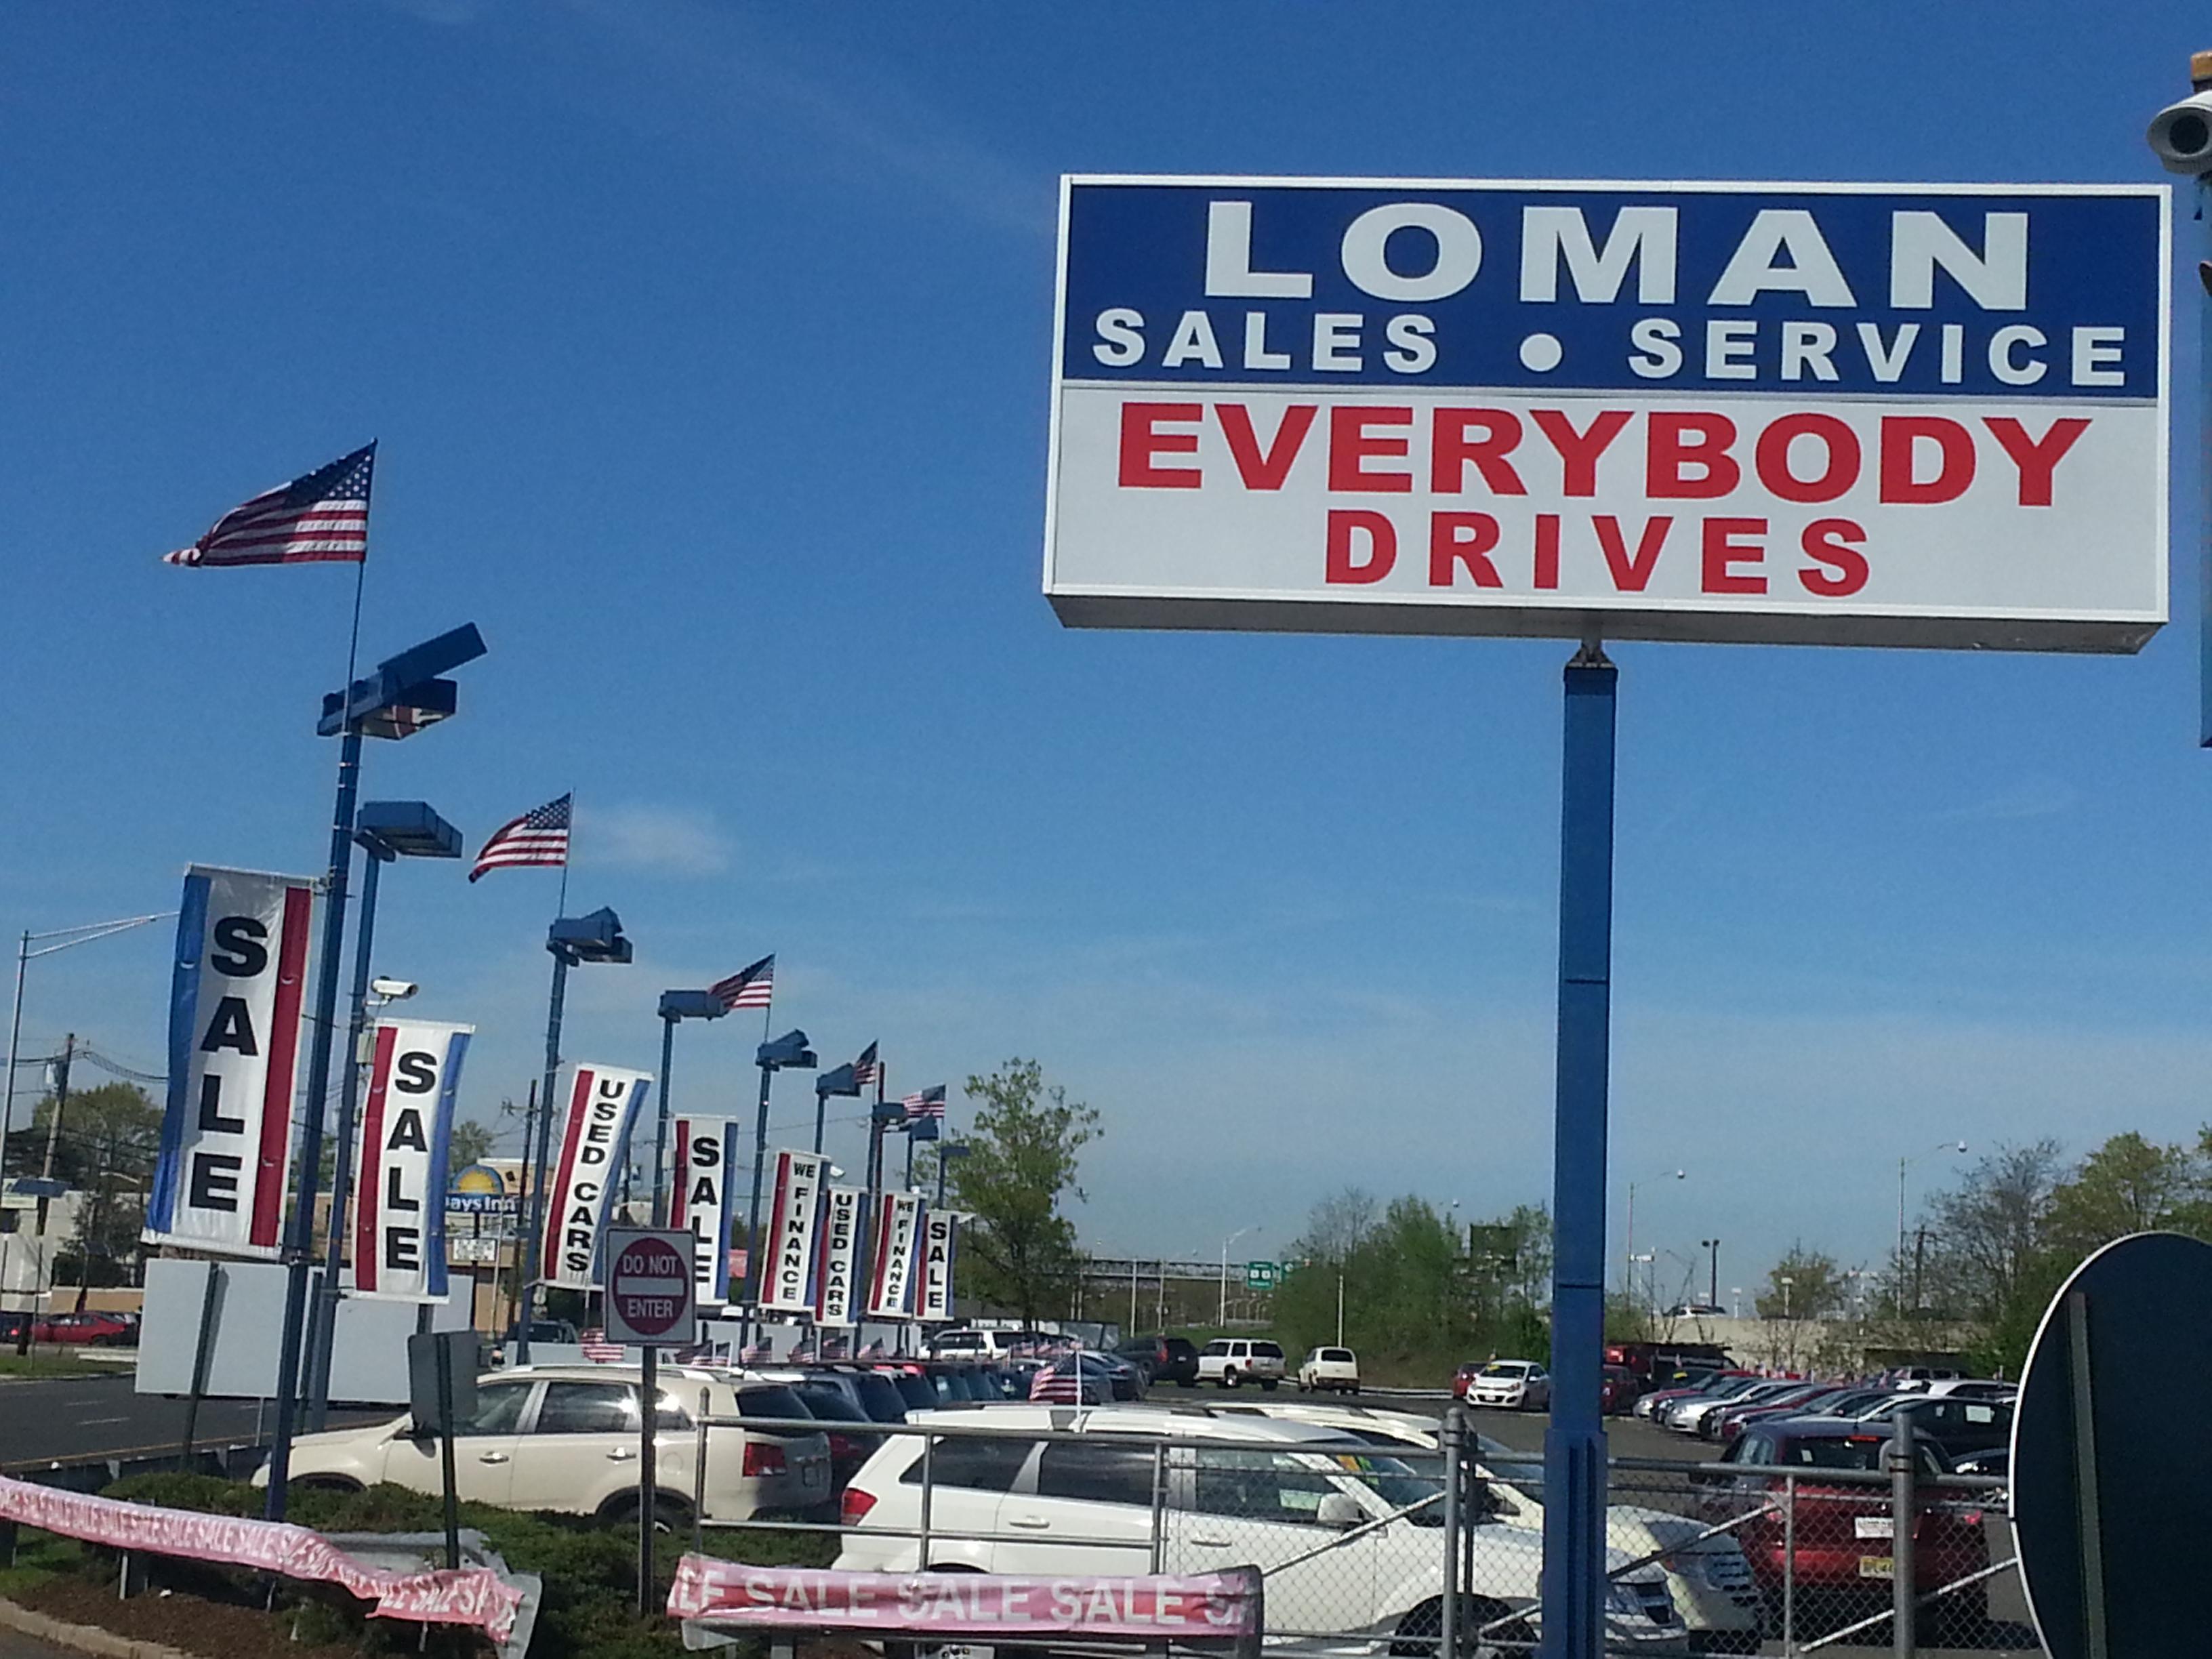 Used Car Sales Woodbridge Nj